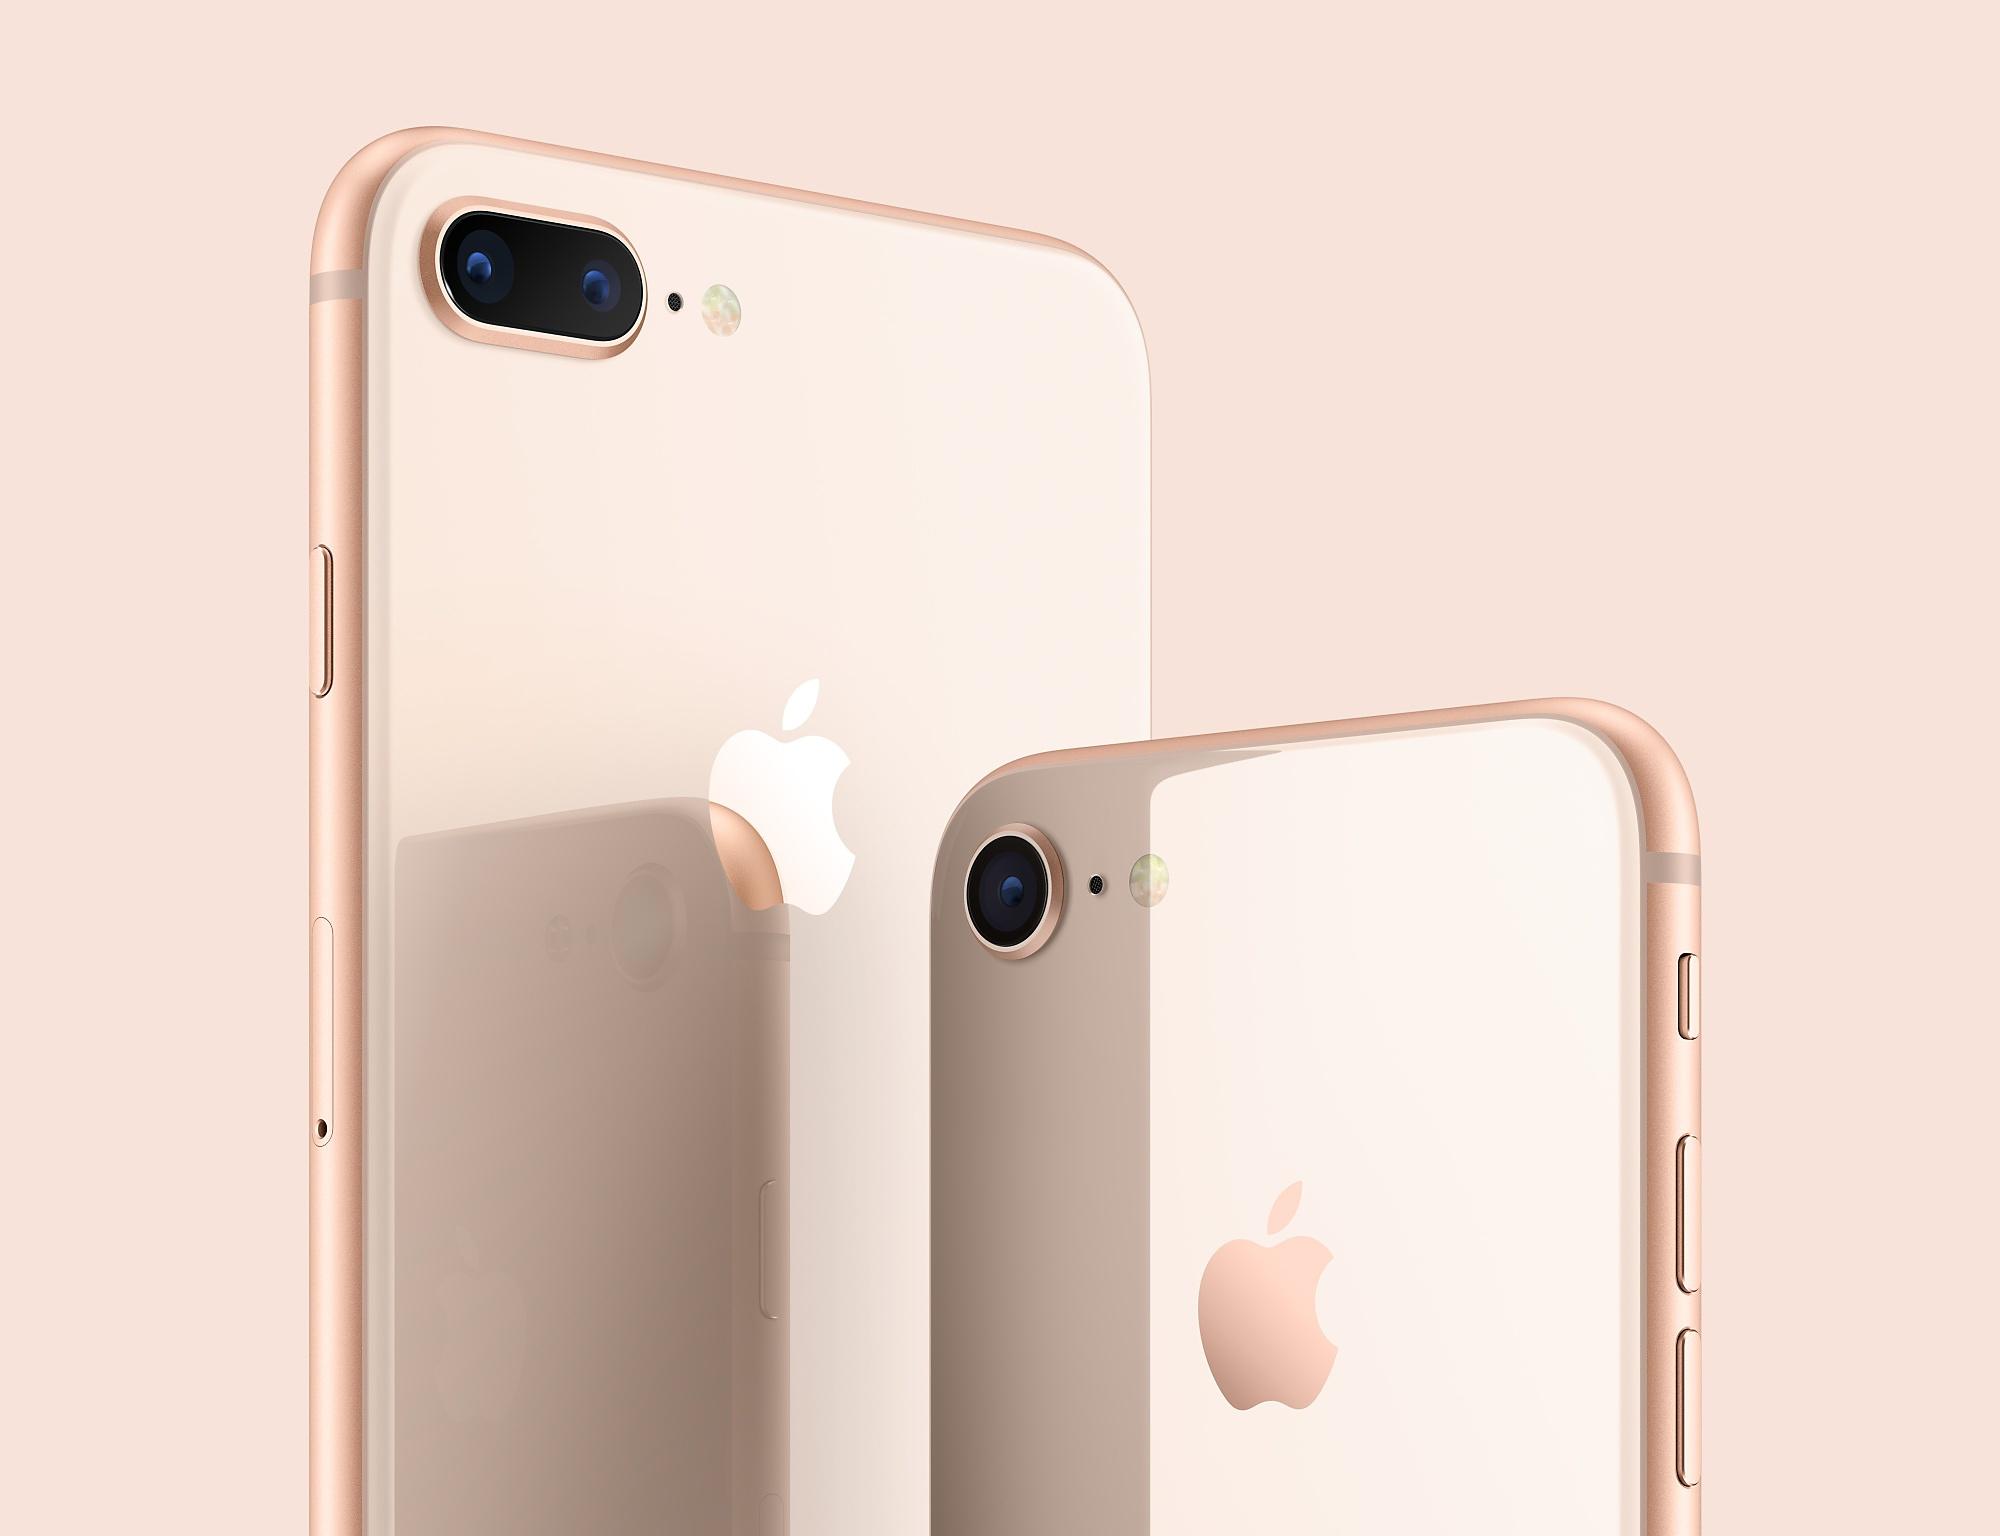 台积电生产苹果7纳米芯片:新iPhone速度可能提升20%